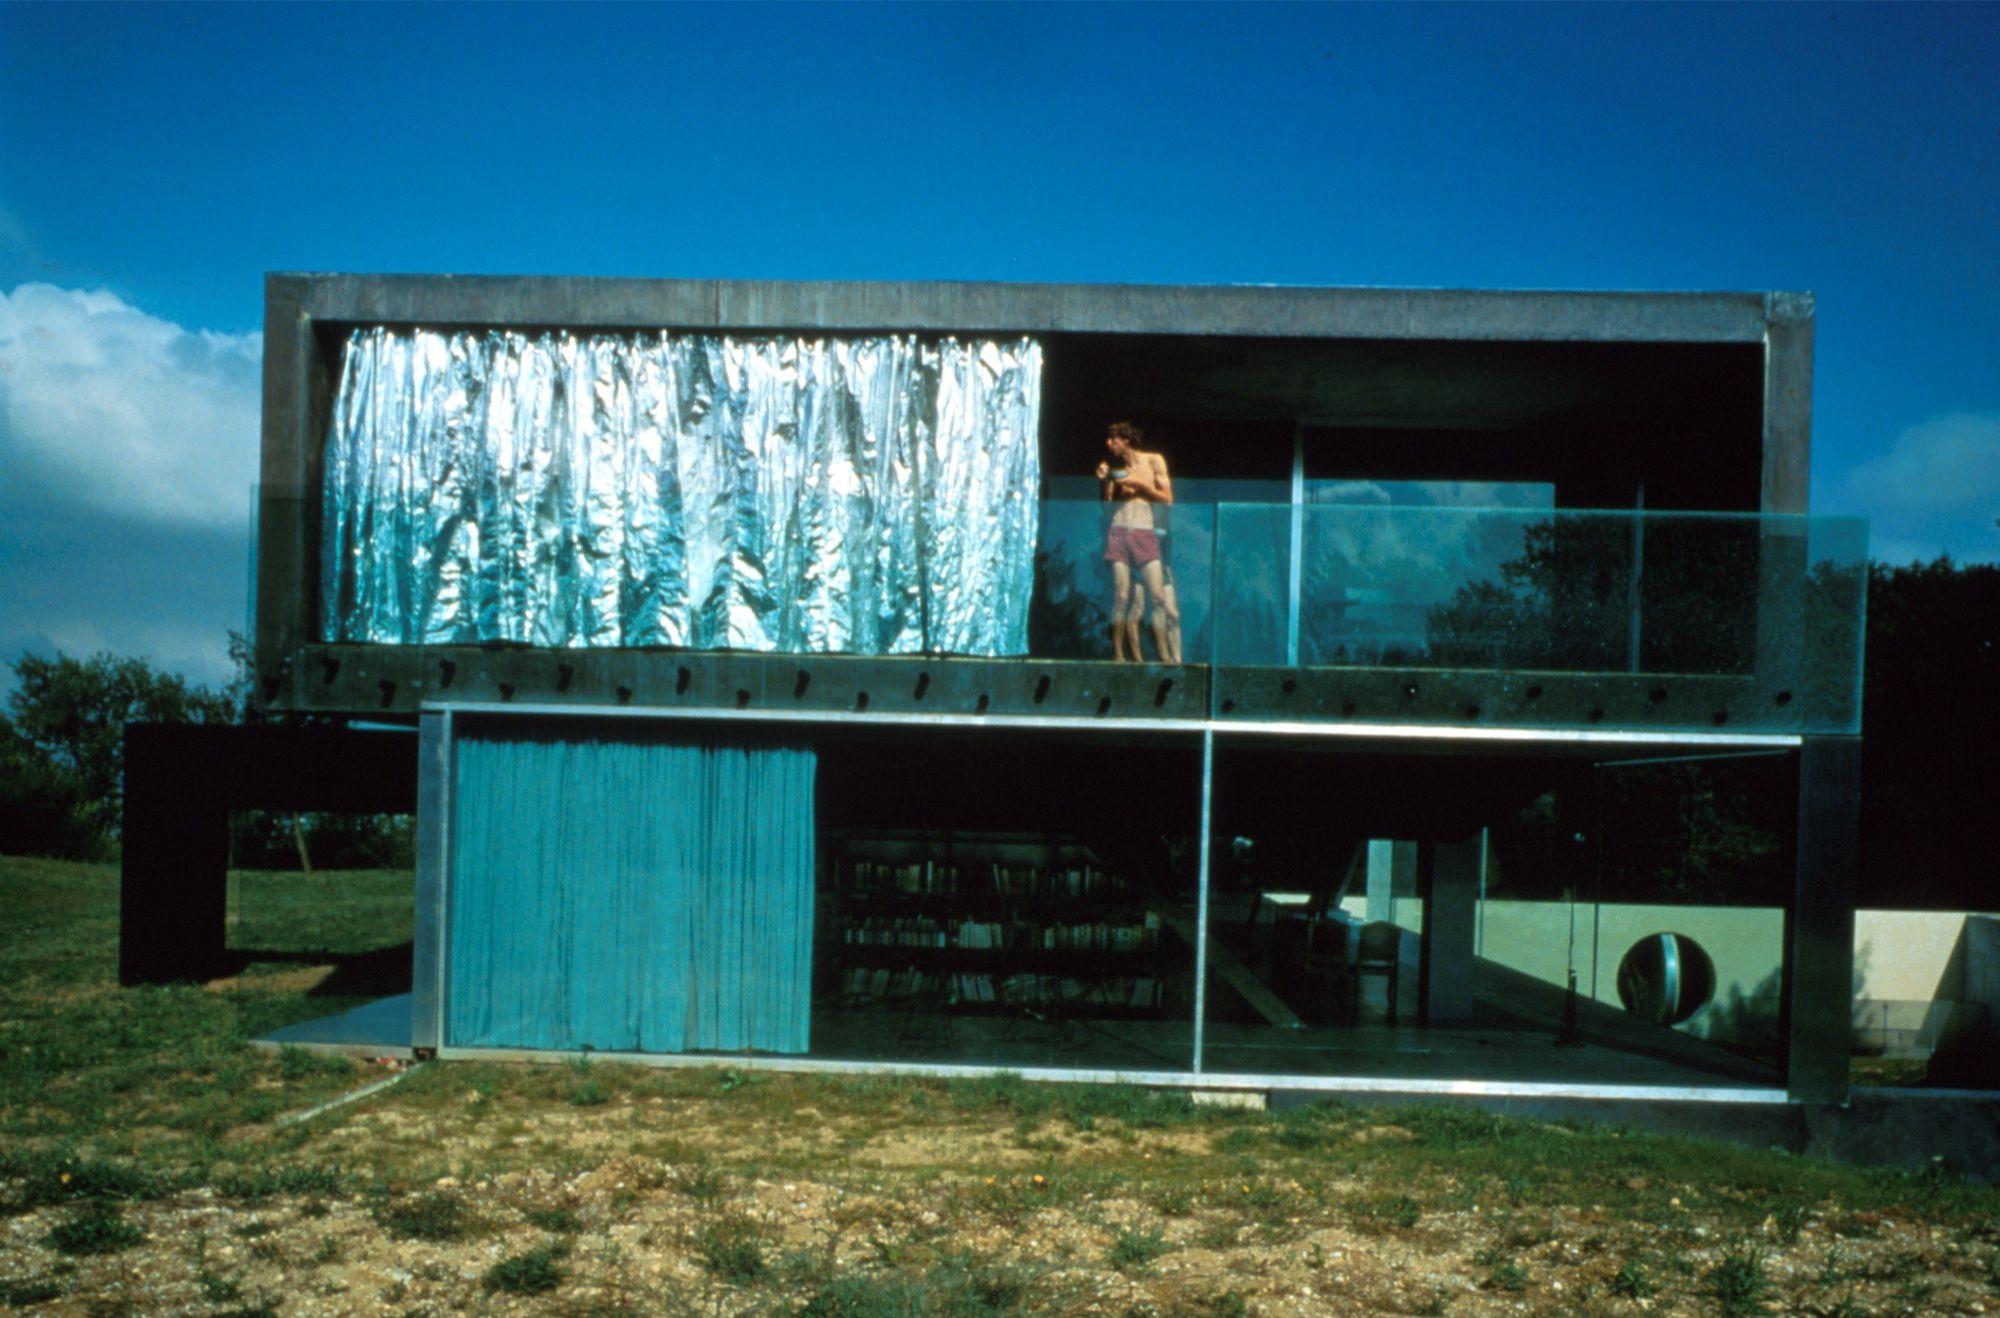 Maison bordeaux dream home bordeaux rem koolhaas glass room - Maison de l architecture bordeaux ...